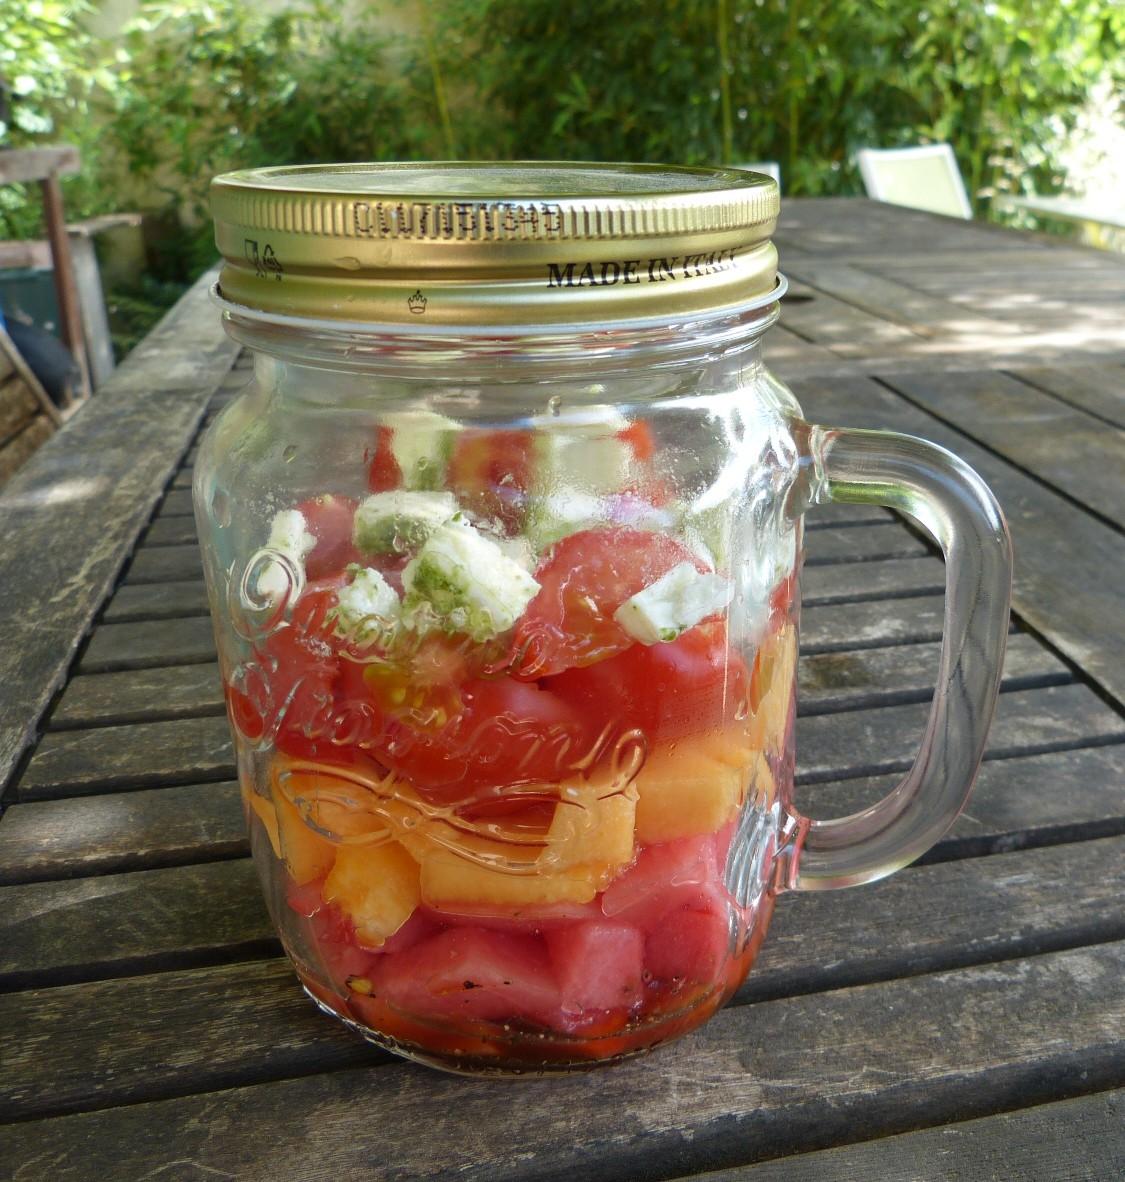 Une salade originale en bocal à la pastèque, melon et féta